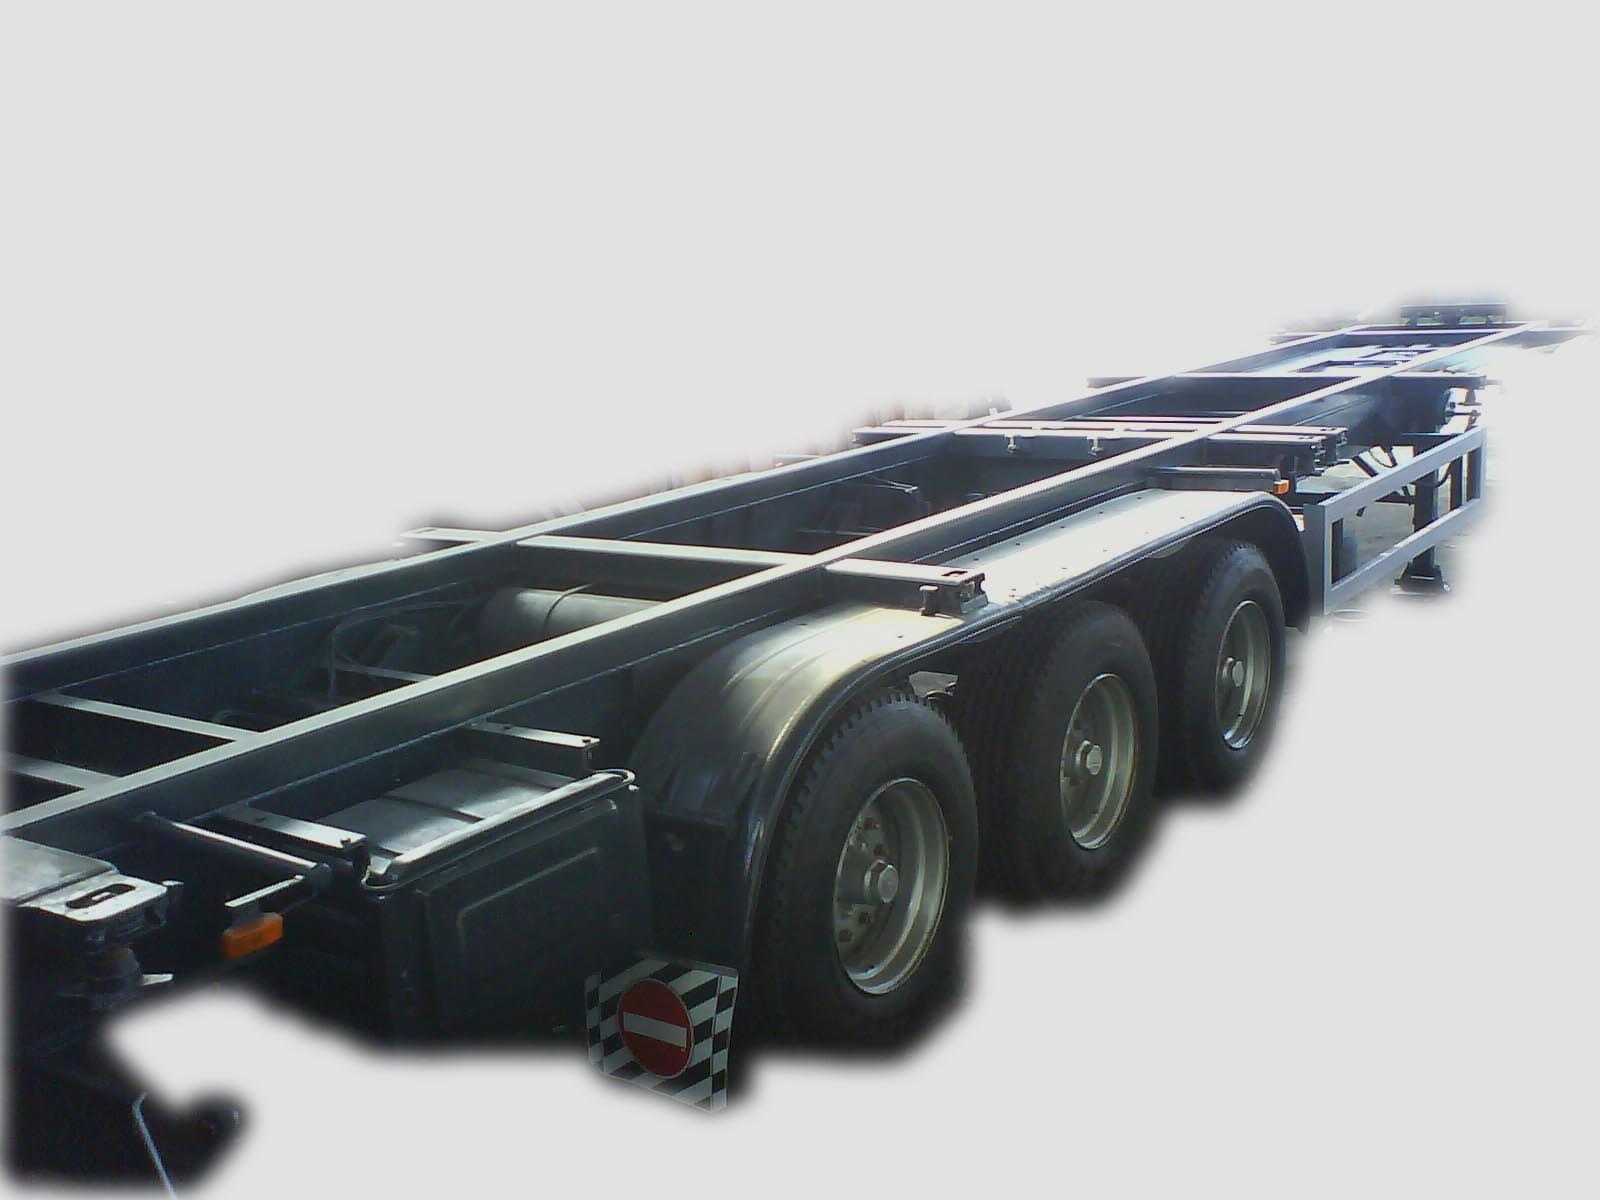 Κατασκευή ρυμουλκούμενων και ημιρυμουλκούμενων οχημάτων